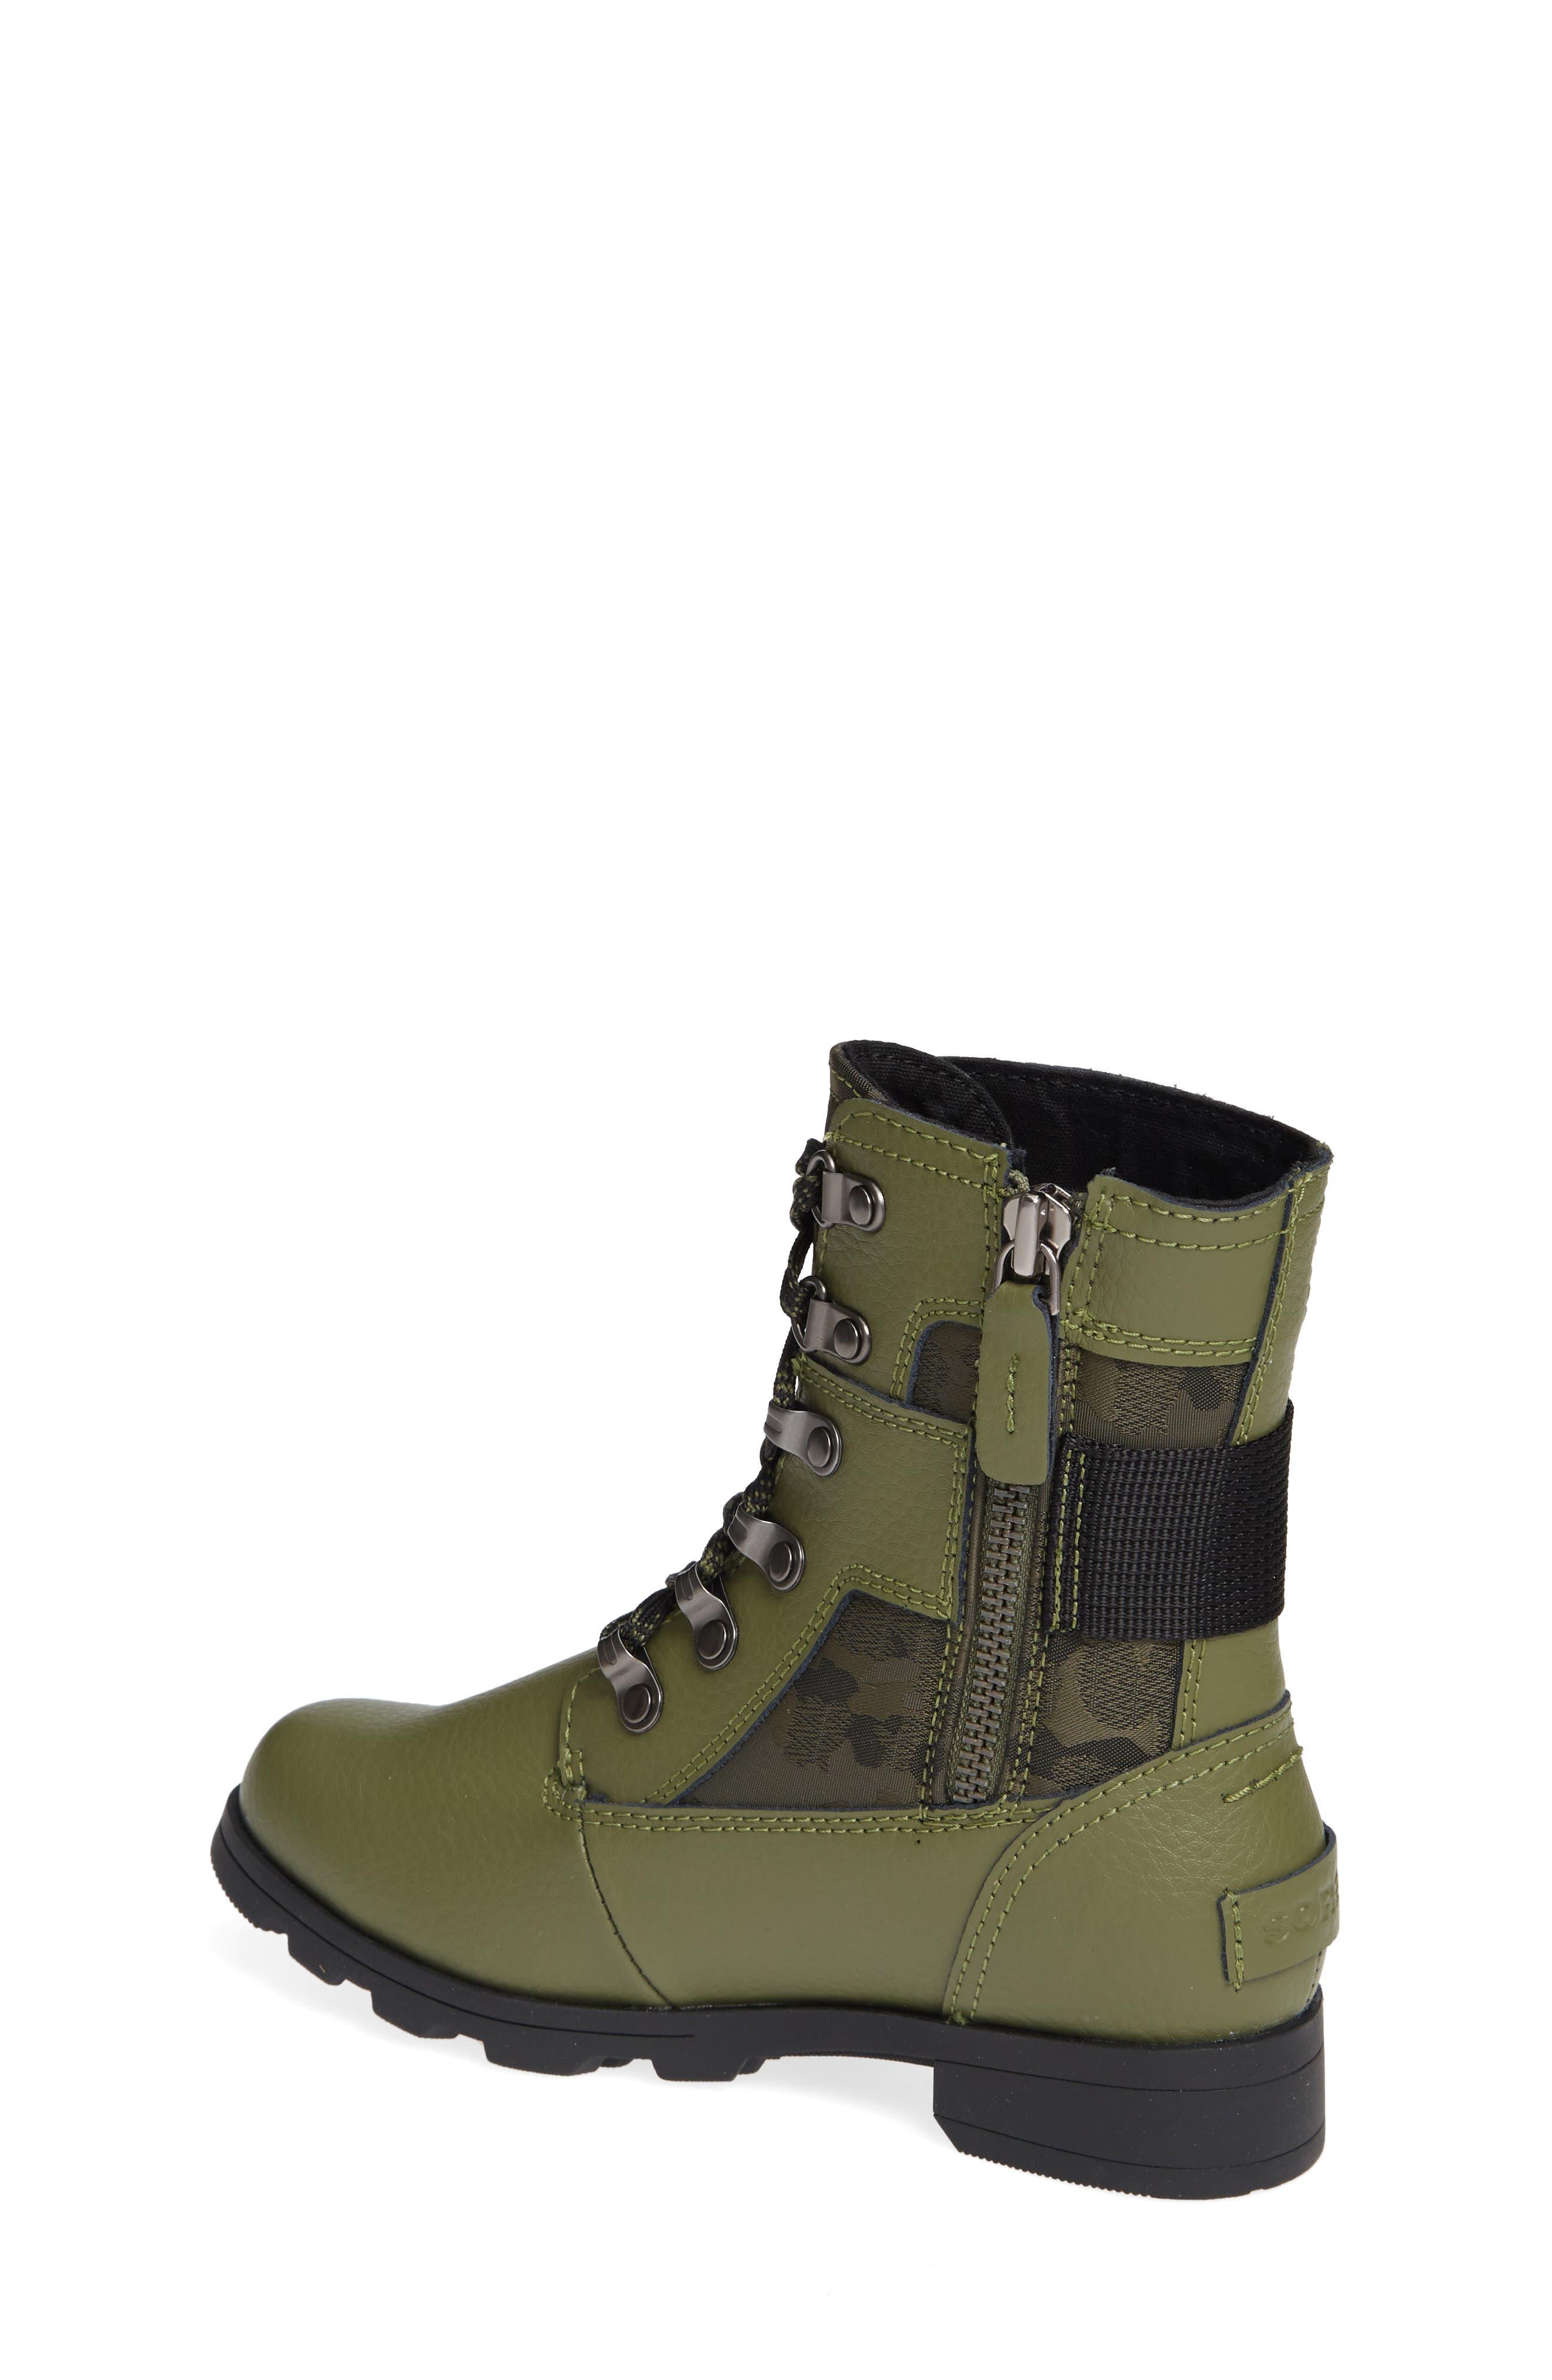 Emelie Waterproof Boot,                             Alternate thumbnail 2, color,                             HIKER GREEN/ BLACK